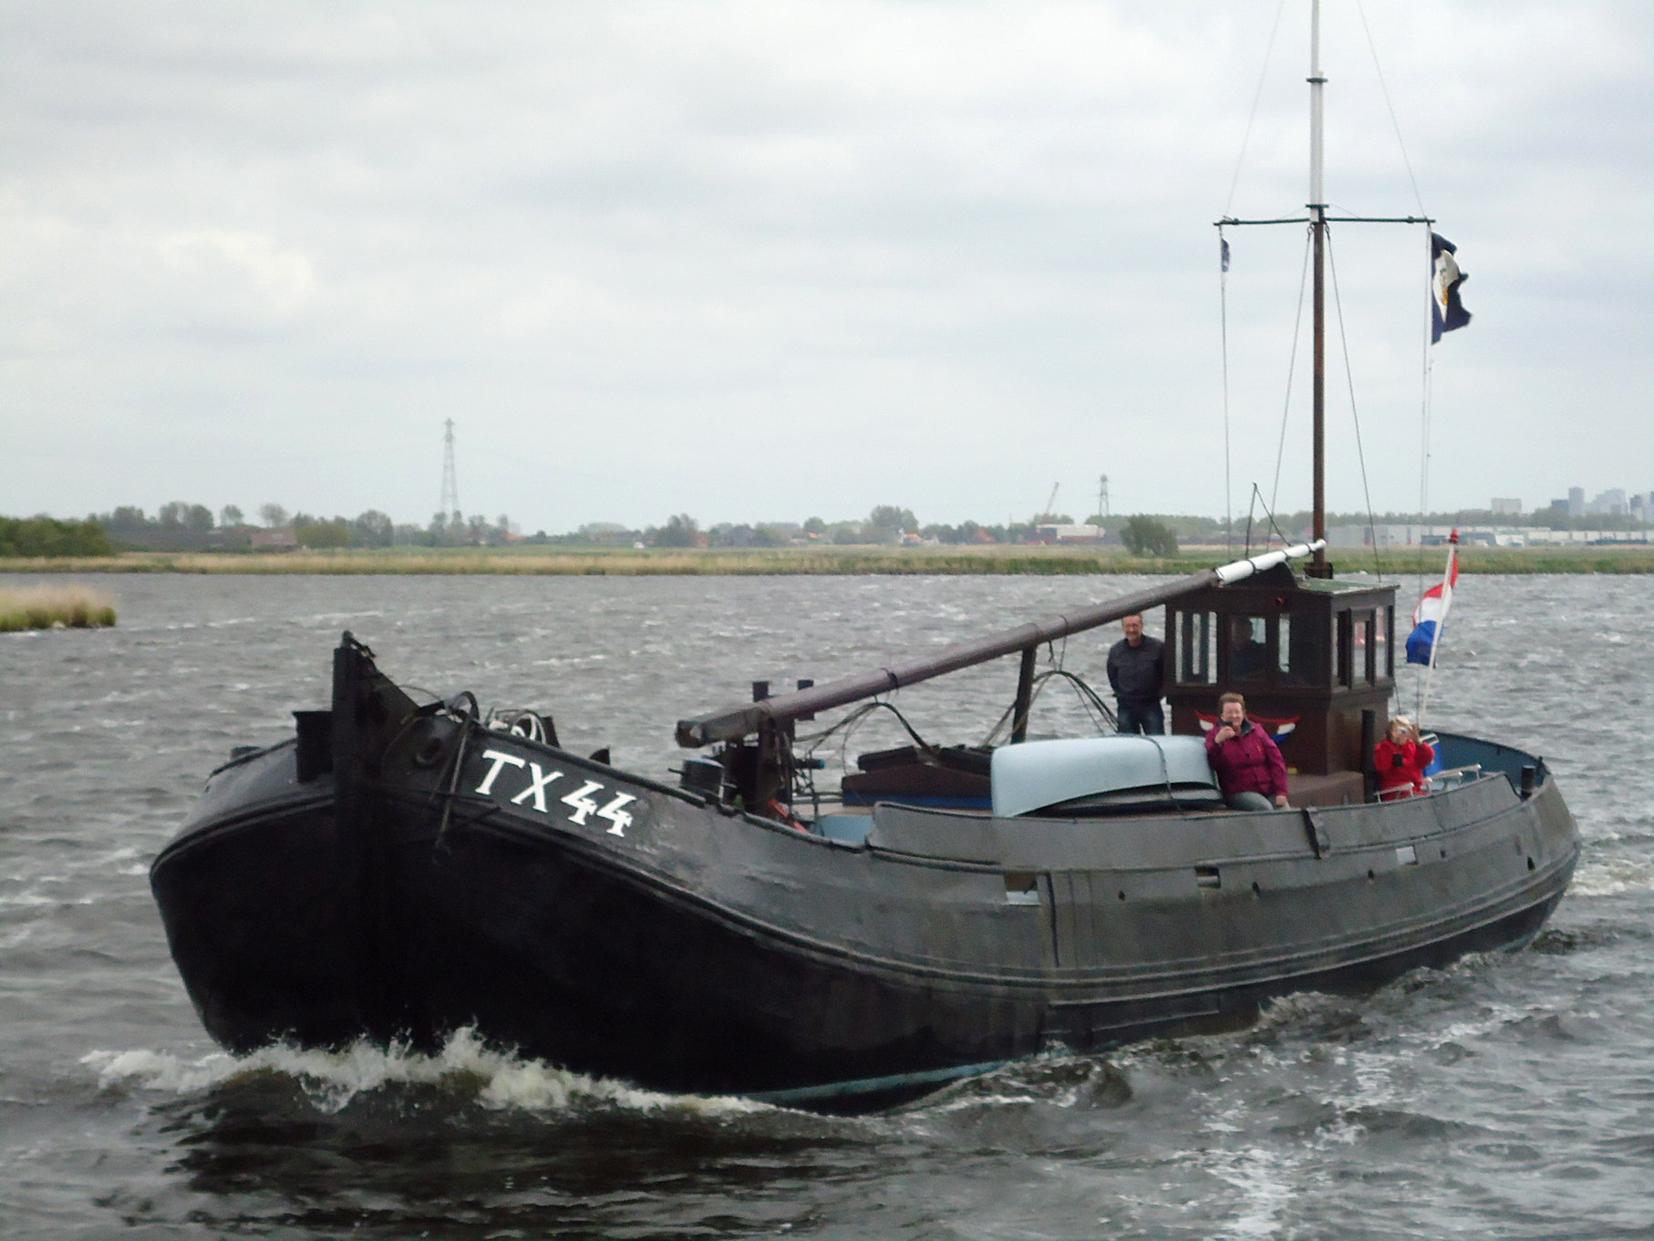 blazer  te koop · Ligplaats: West-Graftdijk  · TX 44 JELLE · ref 2167 · Scheepsmakelaardij Fikkers